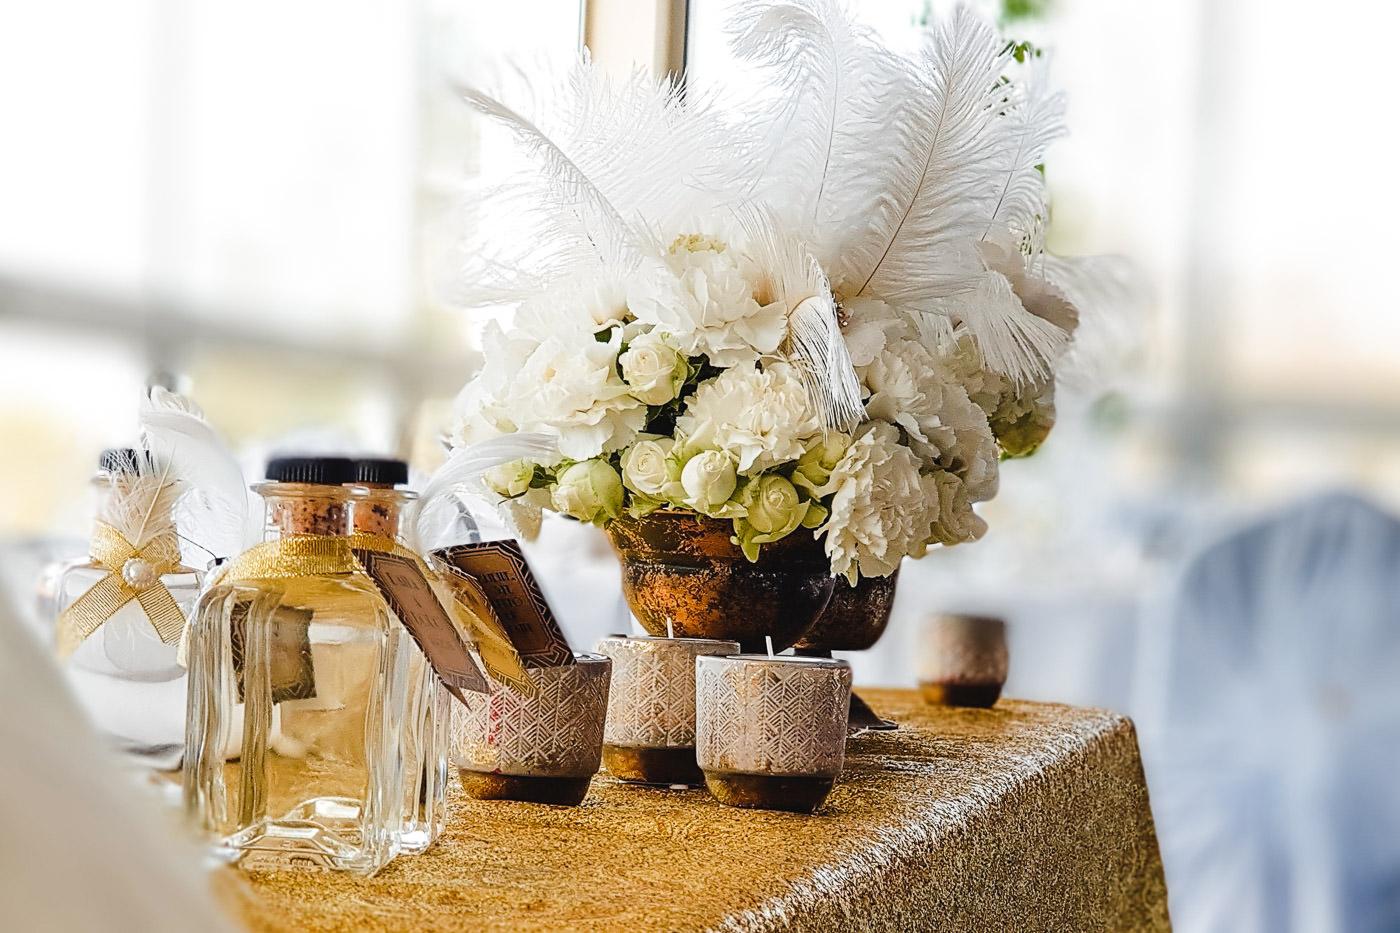 Susan&Sis decor - svadobná výzdoba a dekorácie svadieb a eventov - svadba v style velky gatsby